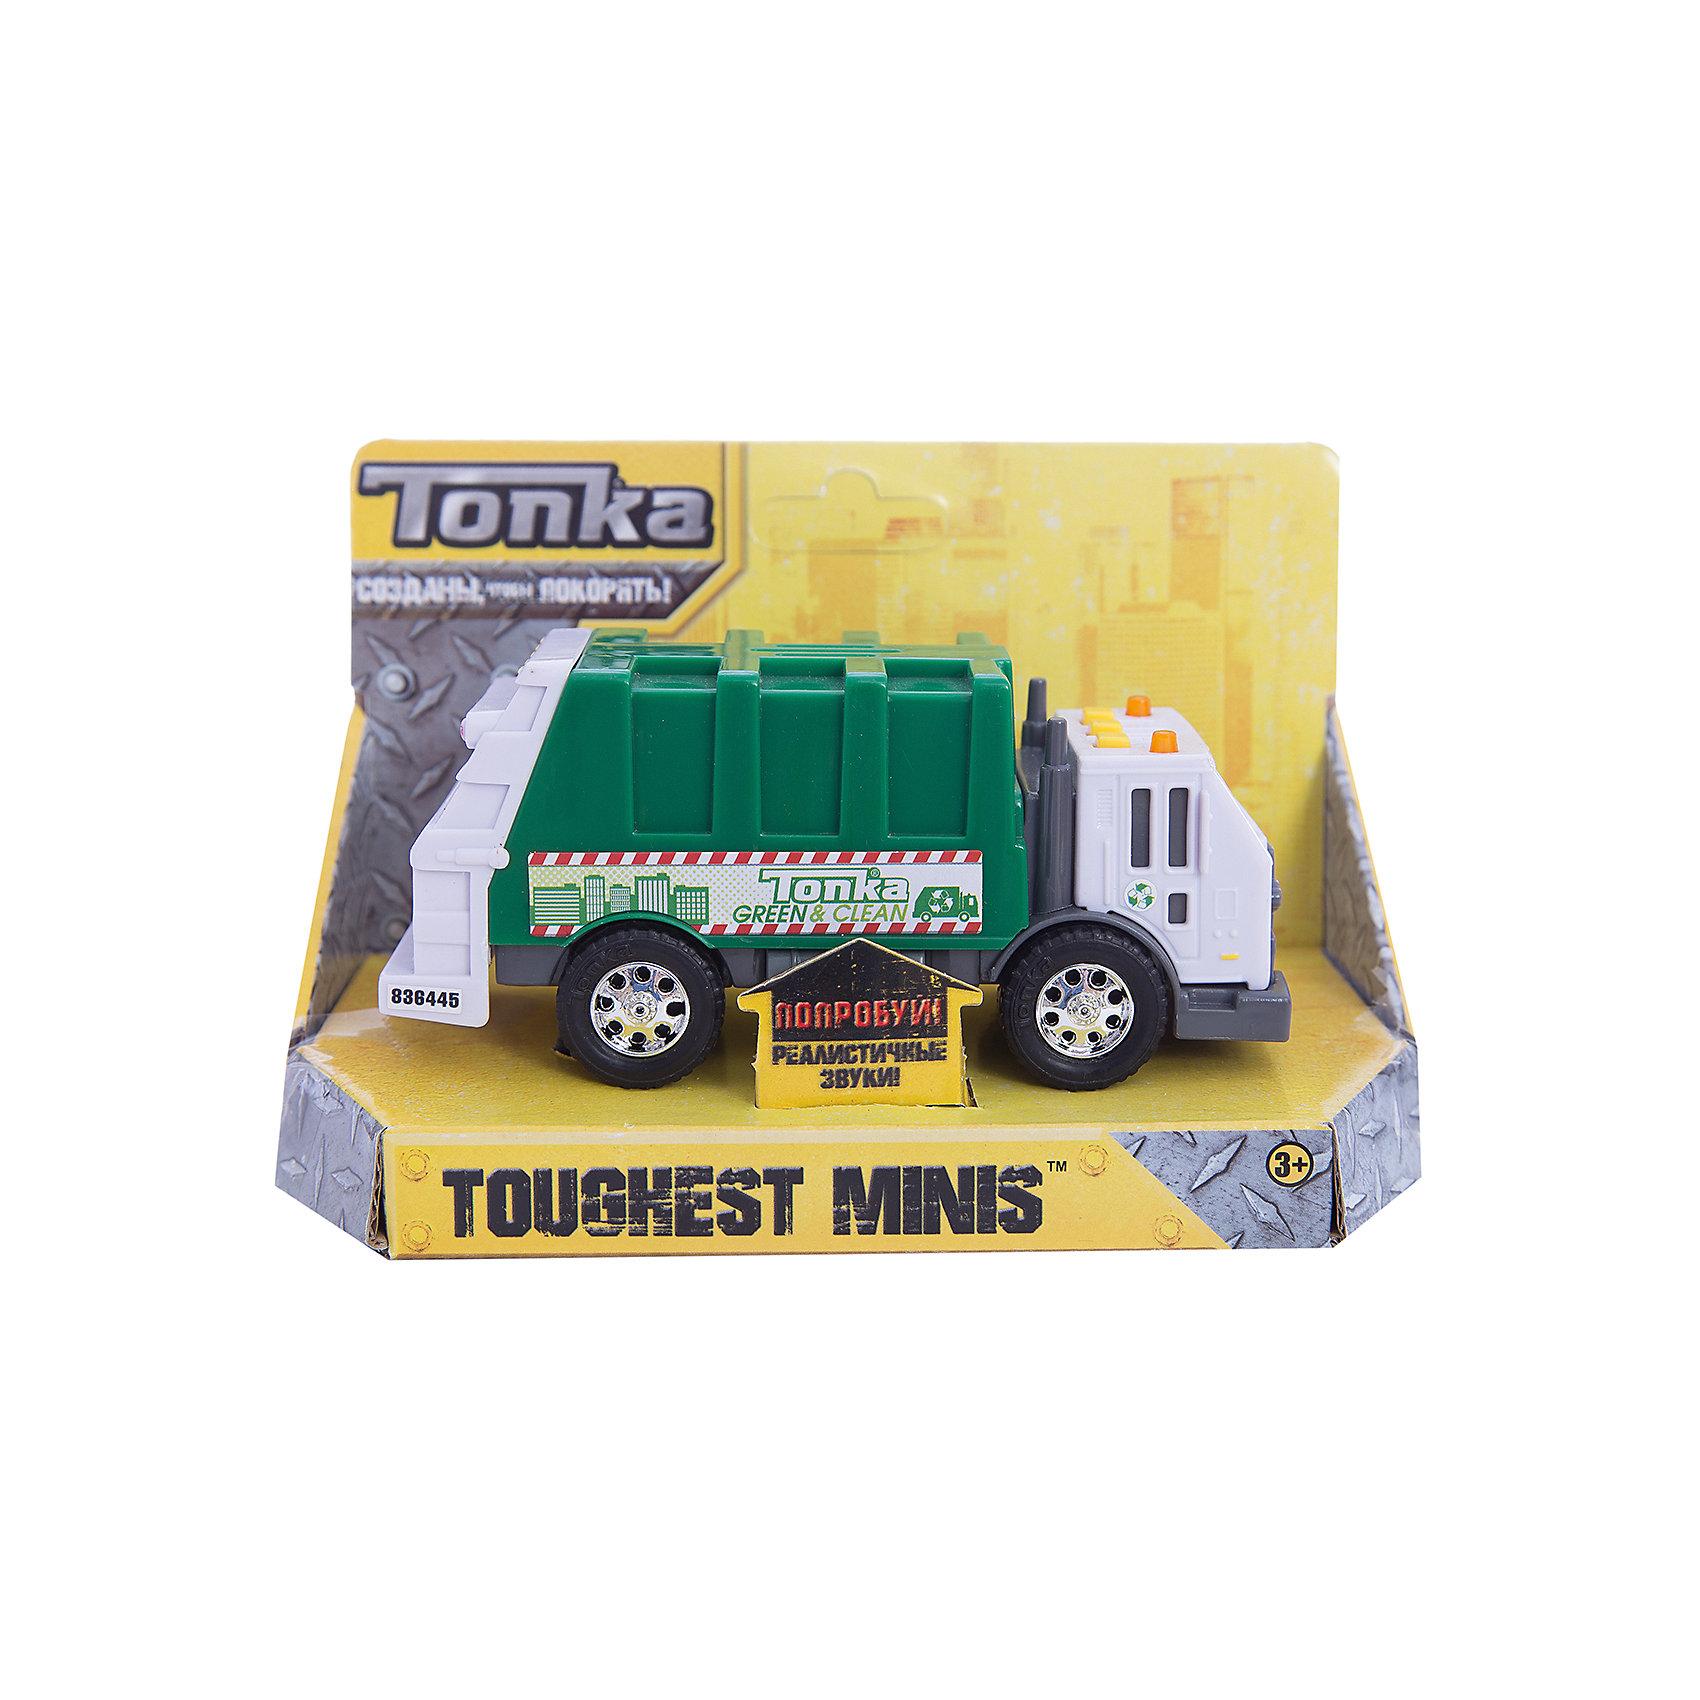 Машинка Мусоровоз Minis, со светом и звуком, TonkaМашинки<br>Машинка Мусоровоз Minis, со светом и звуком, Tonka<br><br>В набор входит:<br><br>-машинка<br>-две батарейки типа ААА<br><br>Характеристики:<br><br>-Возраст: от 3 лет<br>-Для мальчиков<br>-Размер машинки:14 х 4,5 х 6,5 см<br>-Материал: пластик<br>-Марка: Tonka(Тонка)<br><br>Машинка Мусоровоз Tonka Minis станет чудесным подарком для любителя автомобилей. Кабина автомобиля выполнена в белом цвете и имеет серые тонированные стекла, а также очень реалистично прорисованные дверцы. Зеленый кузов машинки по бокам имеет рисунок. Яркости автомобилю придают блестящие серебристые диски на колесах. На крыше кабины имеется три квадратные желтые кнопки и 2 проблесковых маячка. Если ребенок будет нажимать на кнопки, то загорятся желтые лампочки и будут слышны громкие звуковые эффекты. <br><br>Машинка Мусоровоз Minis, со светом и звуком, Tonka можно приобрести в нашем интернет-магазине.<br><br>Ширина мм: 89<br>Глубина мм: 178<br>Высота мм: 127<br>Вес г: 190<br>Возраст от месяцев: 36<br>Возраст до месяцев: 120<br>Пол: Мужской<br>Возраст: Детский<br>SKU: 5115728